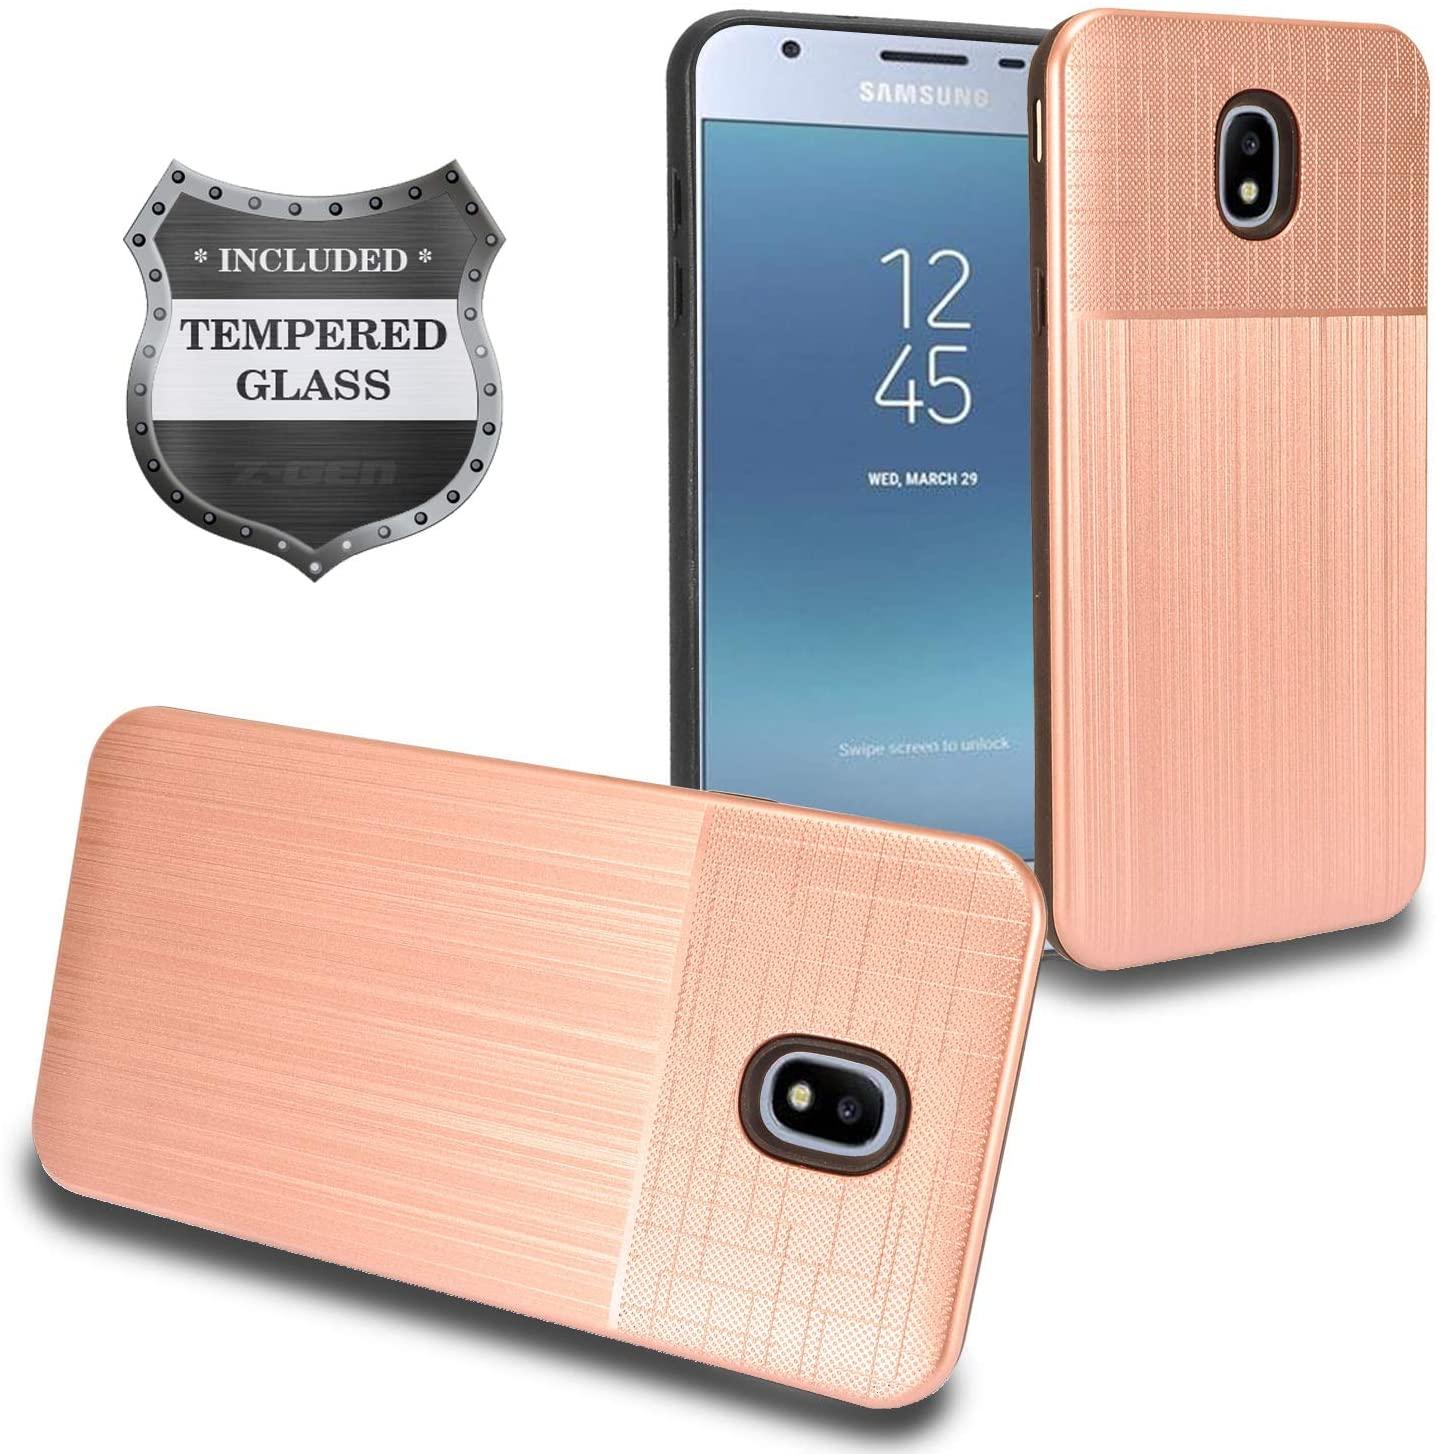 Z-GEN - Galaxy J7 2018, J7 Refine, J7 Star, J7 Crown, J7 Aura, J7 Top, J7 V J7V 2nd Gen J737 - Hybrid Phone Case for Samsung + Tempered Glass Screen Protector - CF2 Rosegold